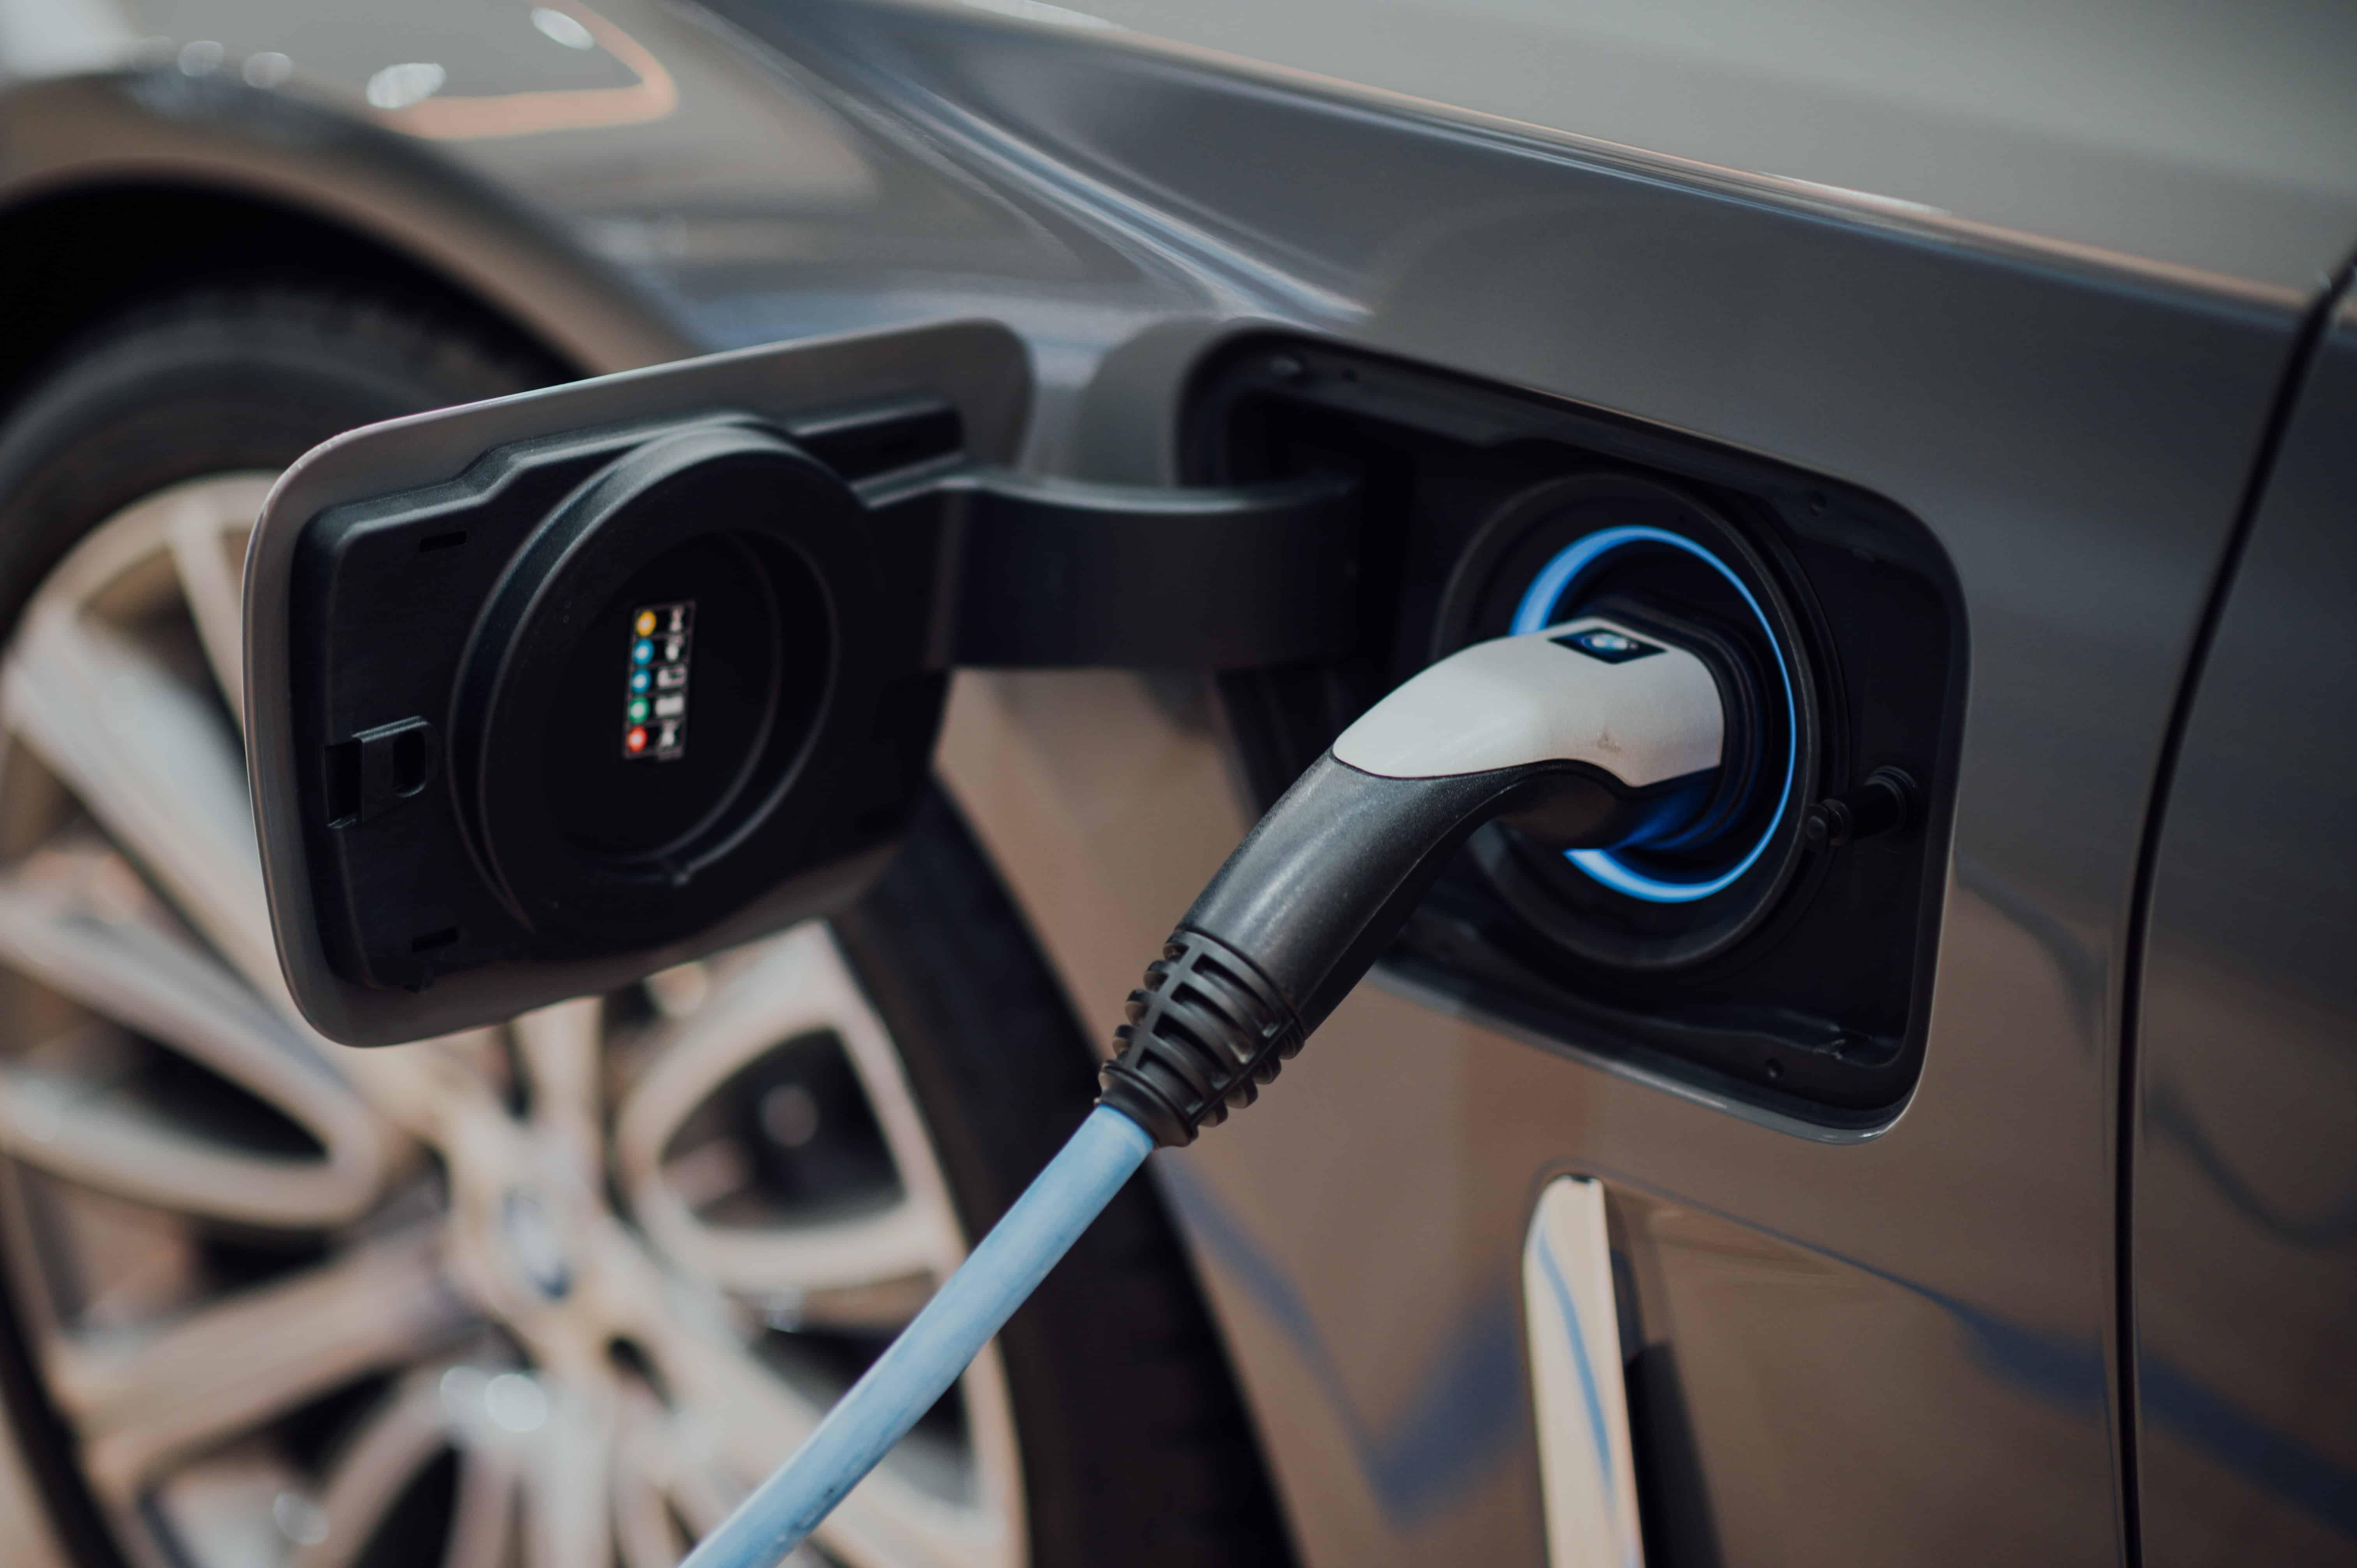 Marktüberblick-aller-Ladestysteme-Ladestationen-Elektromobilität